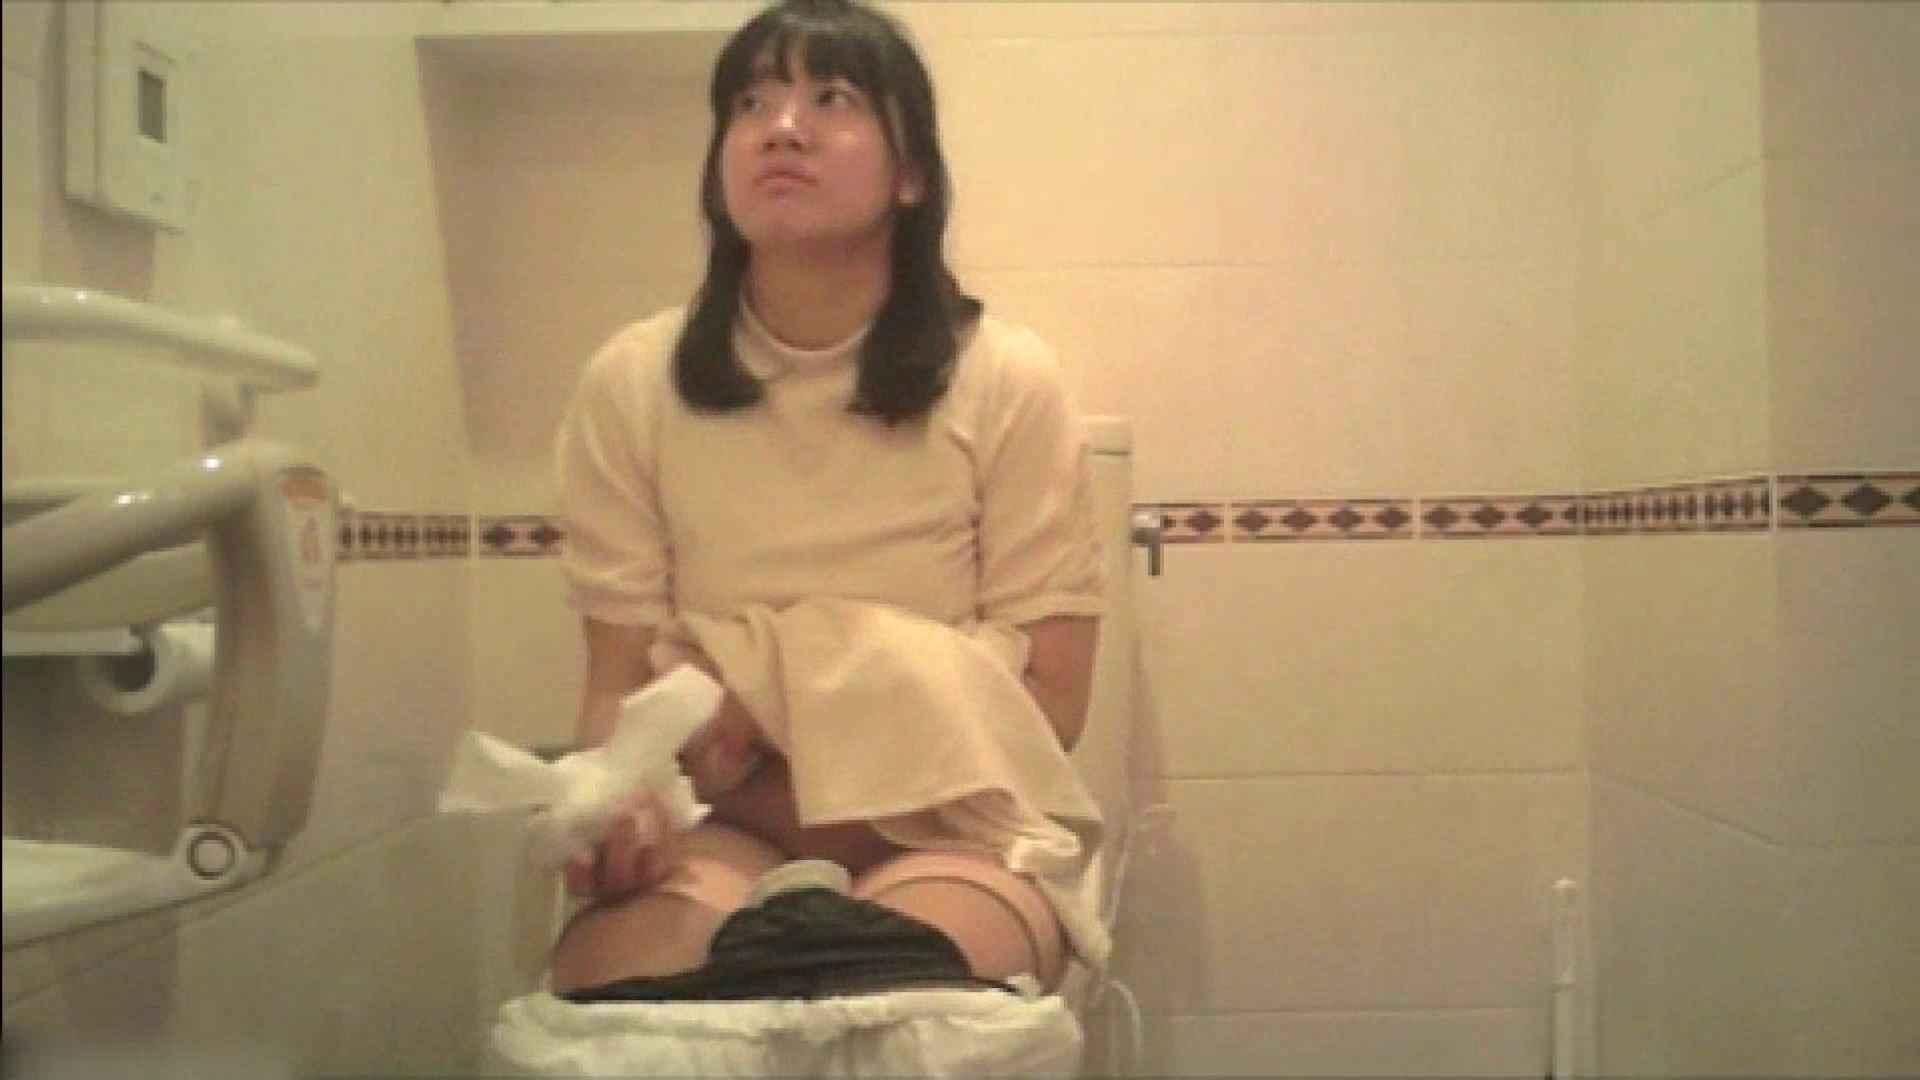 実録!!綺麗なお姉さんのトイレ事情・・・。vol.18 OL  68枚 23